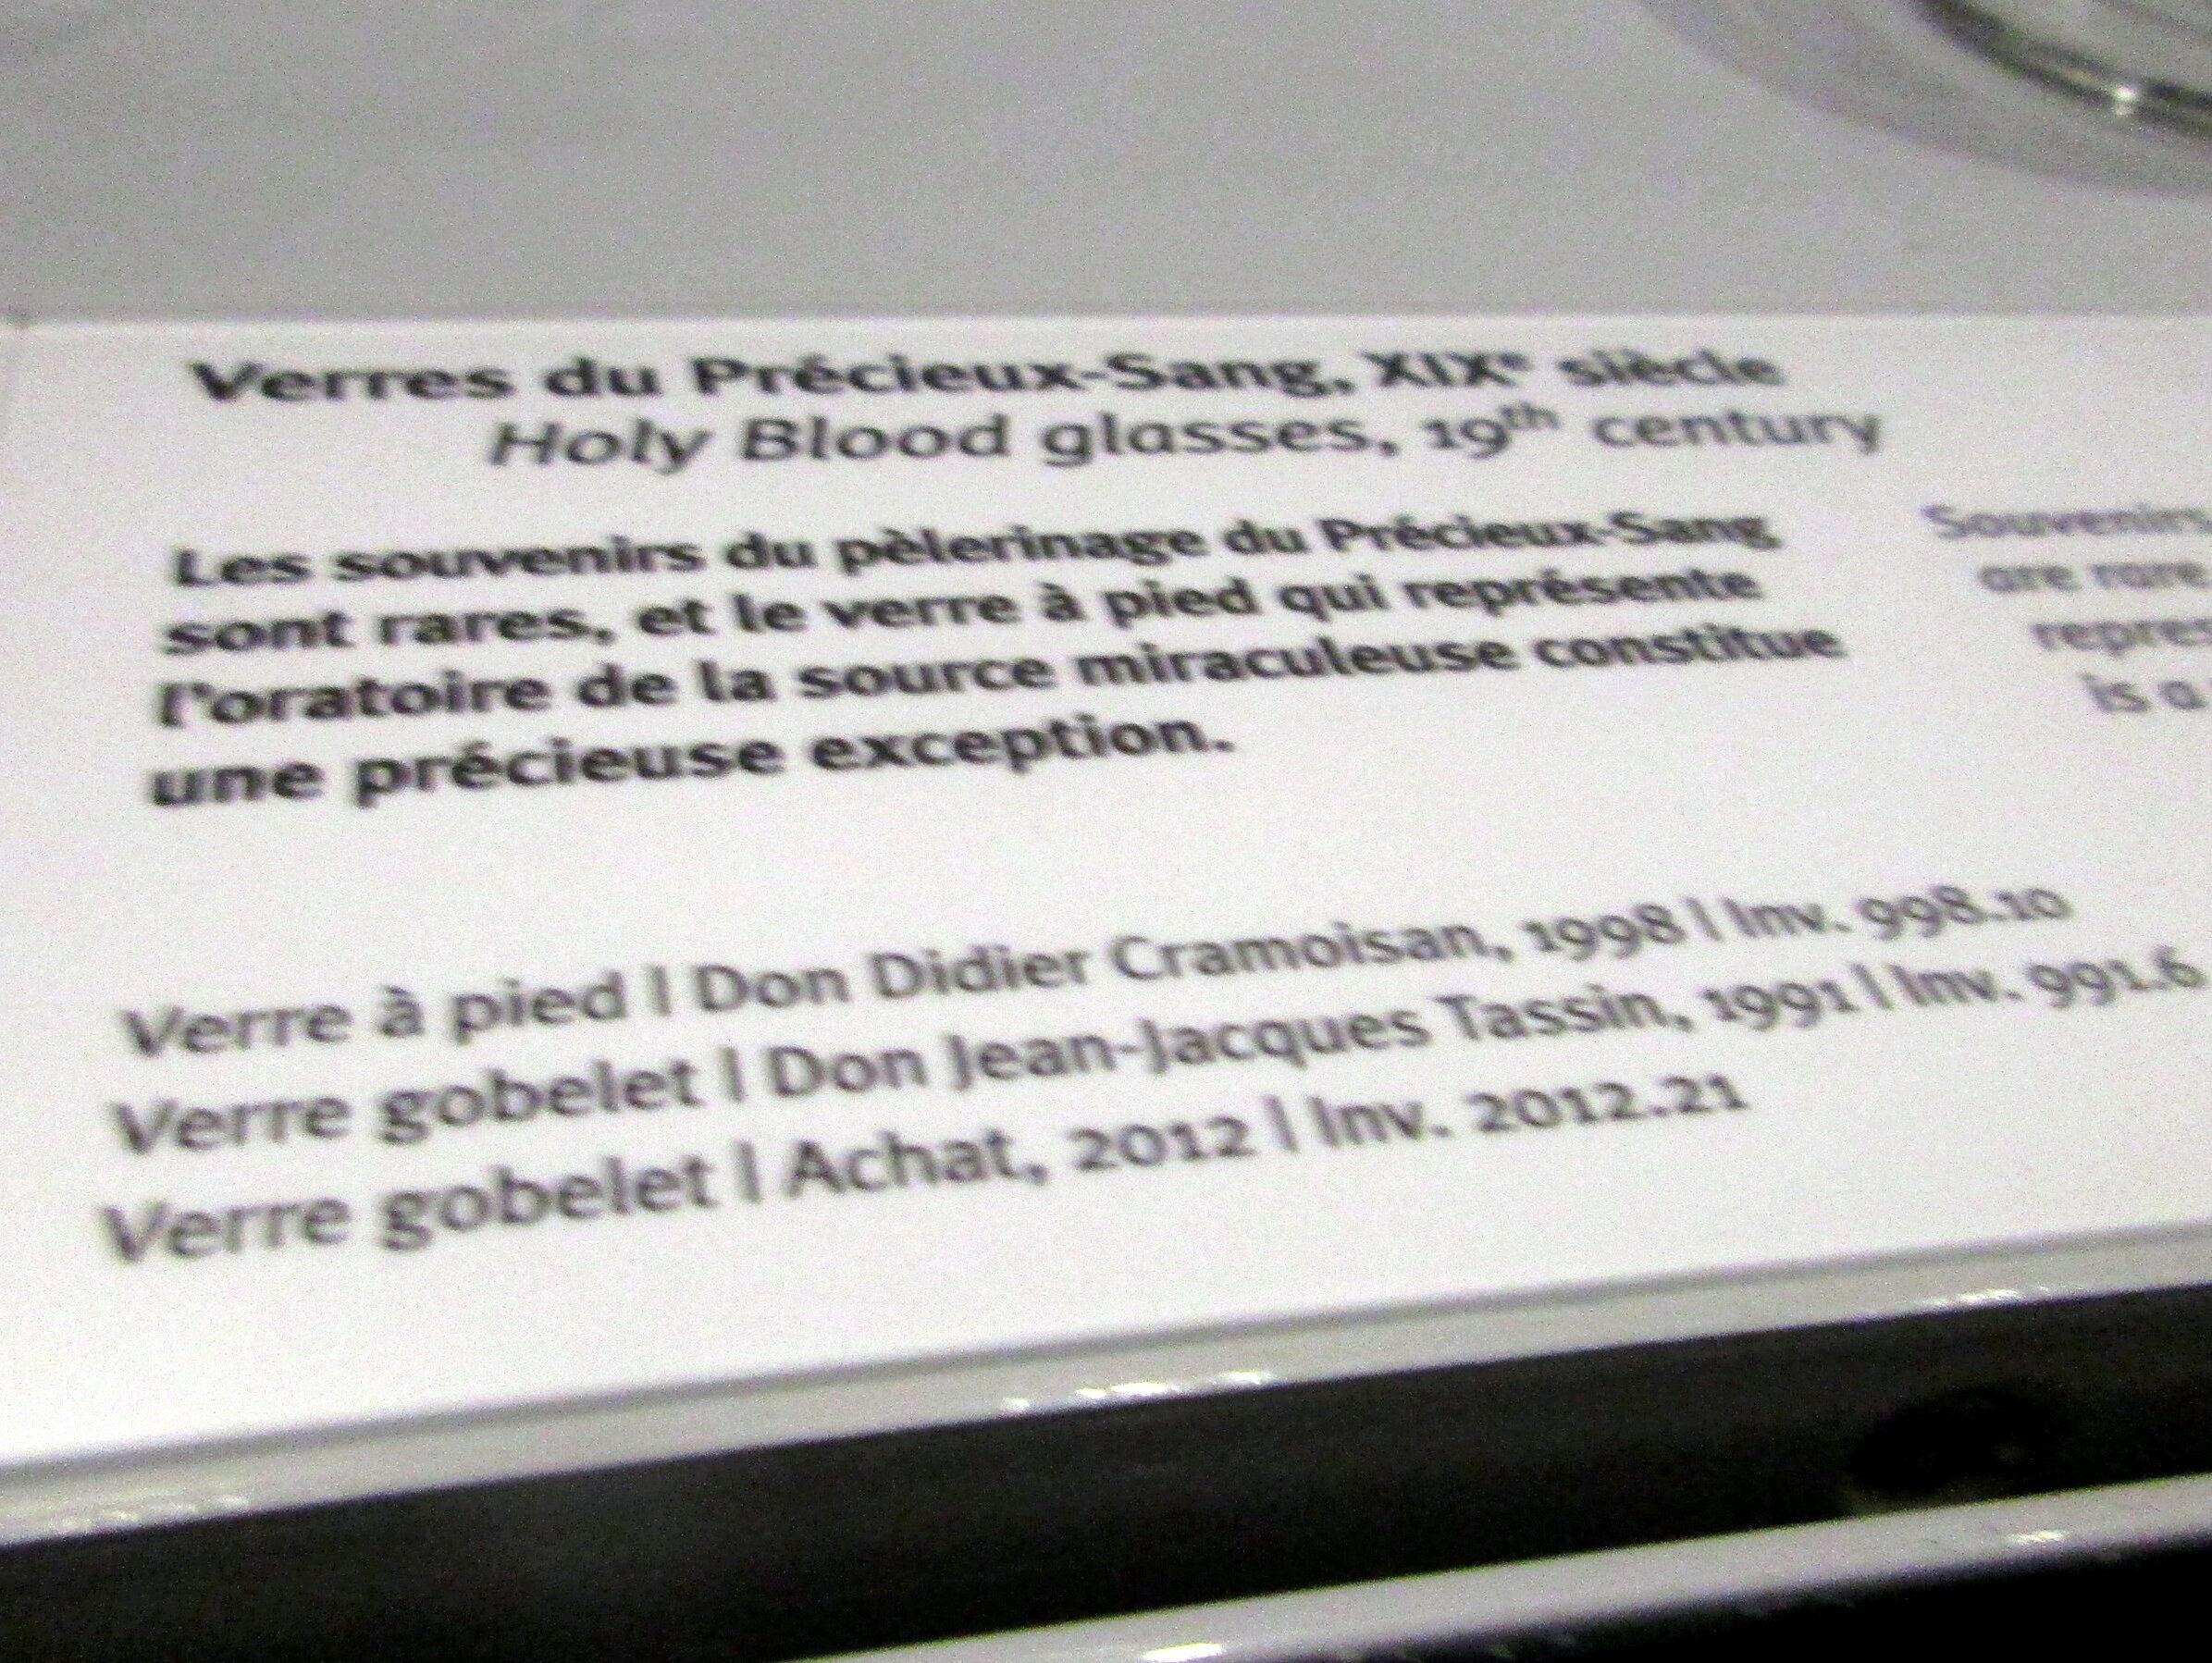 TOUR DE FRANCE VIRTUEL - Page 33 20200910